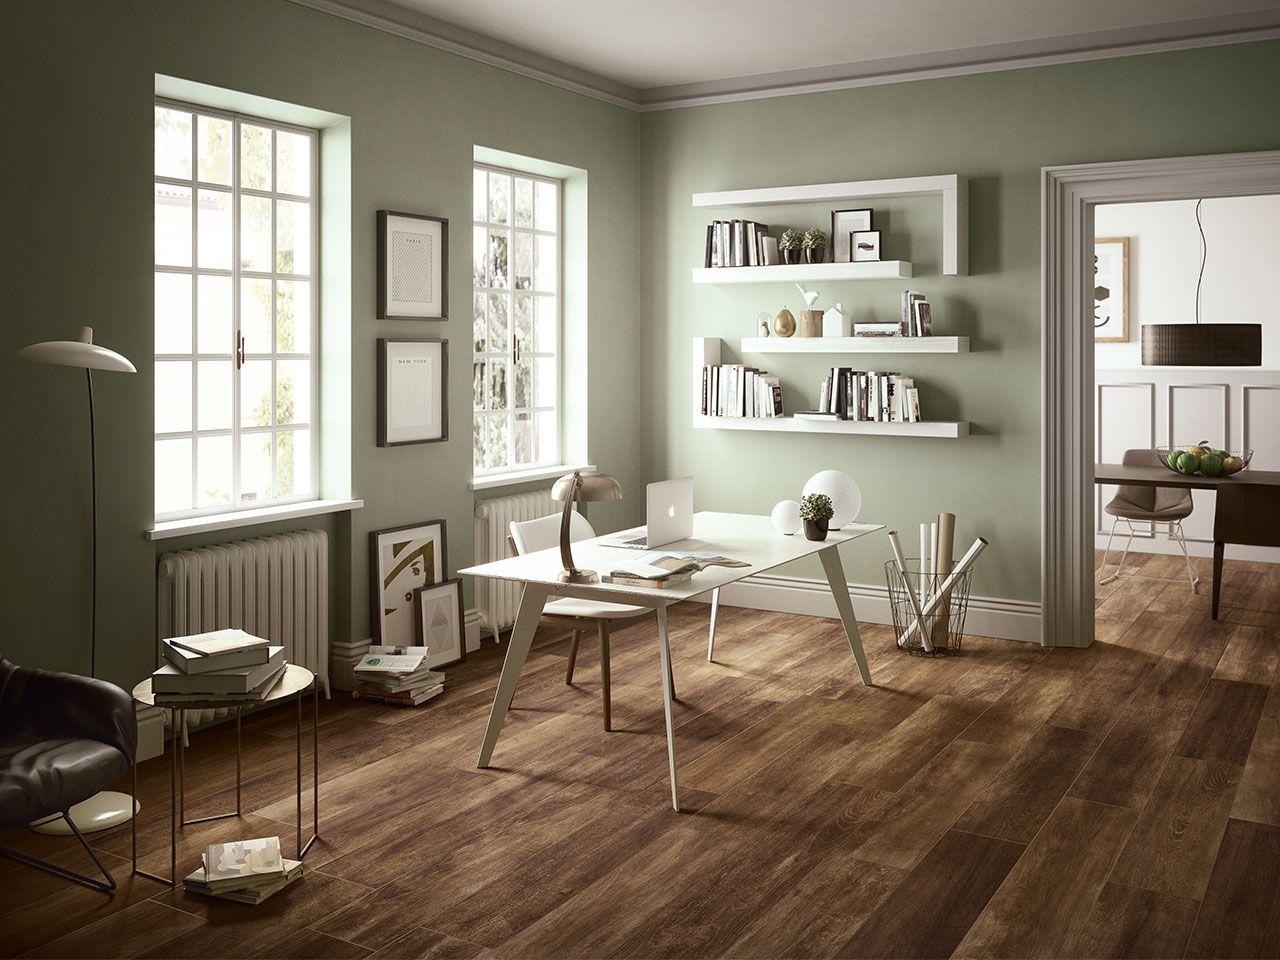 Arredamento Con Pavimento Marrone gres porcellanato effetto legno rustico serie lodge | colore